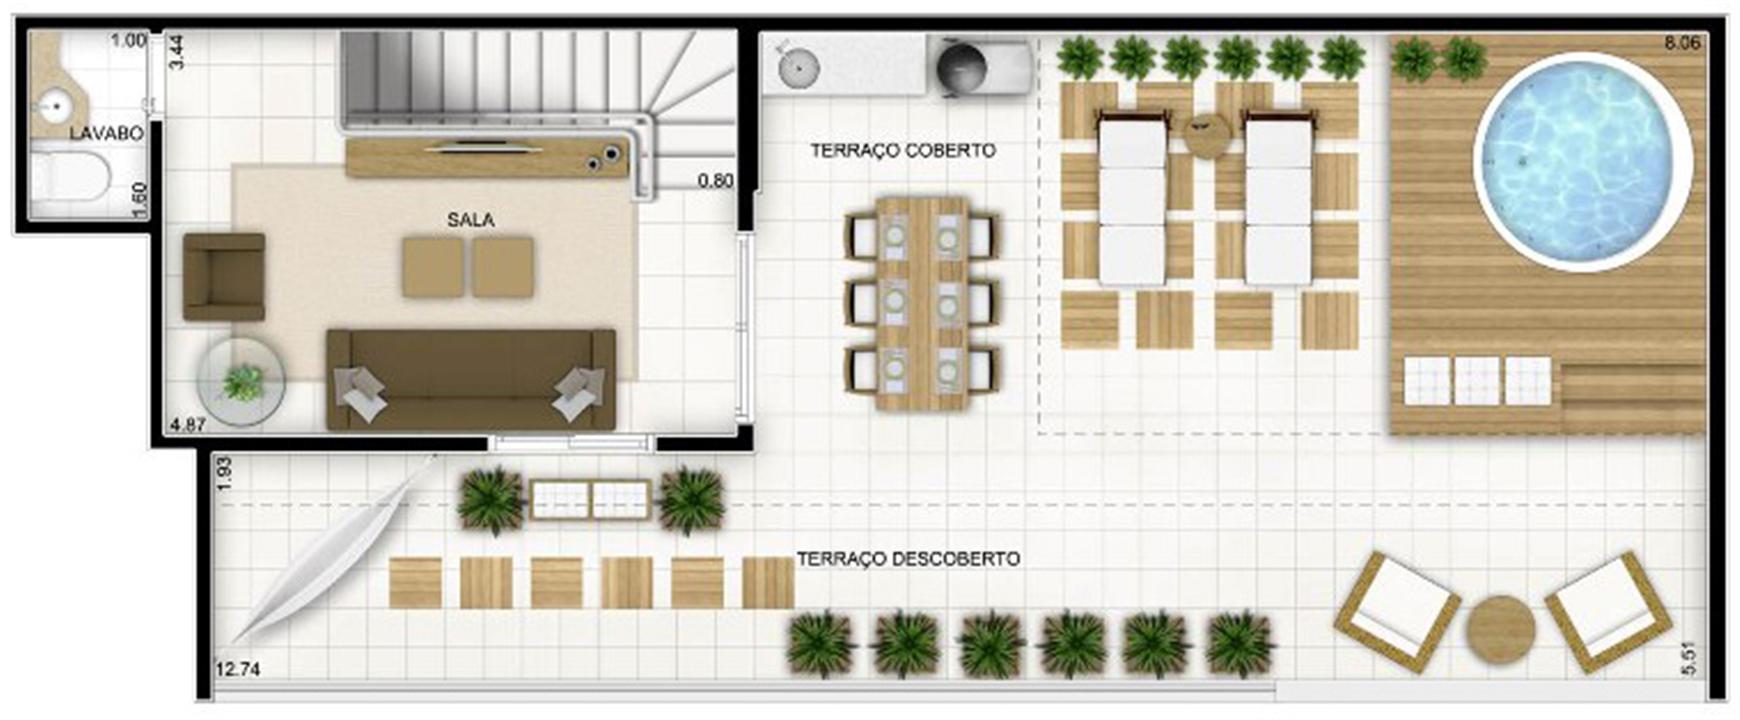 Duplex Andar Superior 159 m² | Quartier Lagoa Nova – Apartamentona  Lagoa Nova - Natal - Rio Grande do Norte